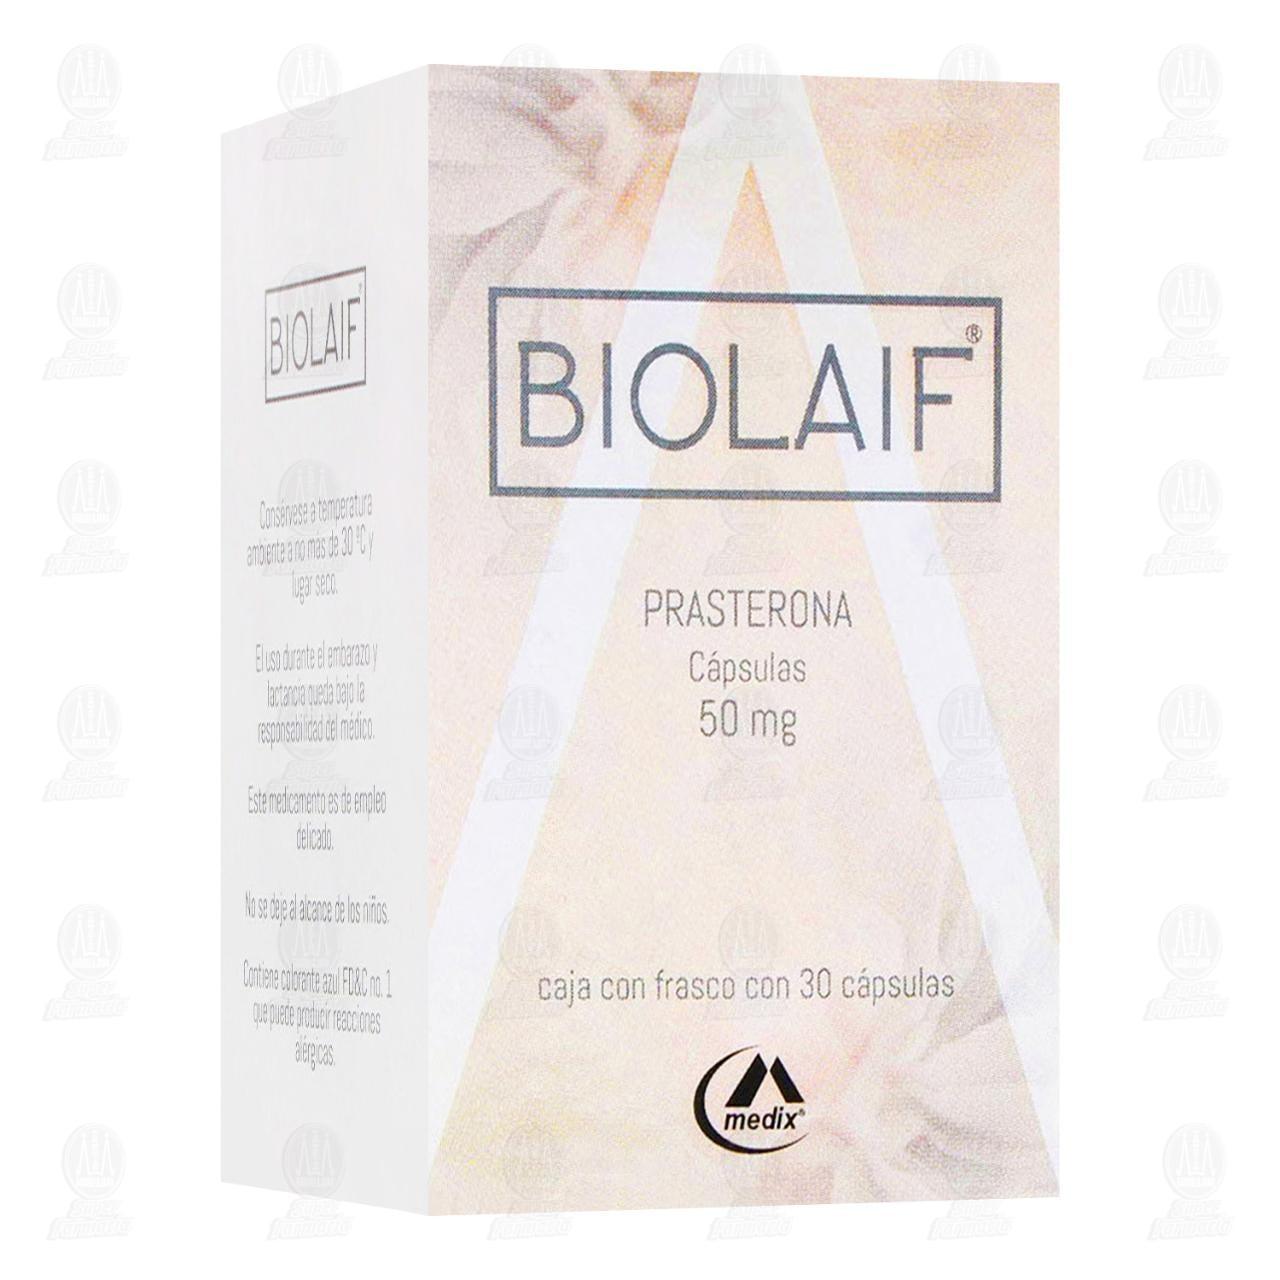 Comprar Biolaif 50mg 30 Cápsulas en Farmacias Guadalajara